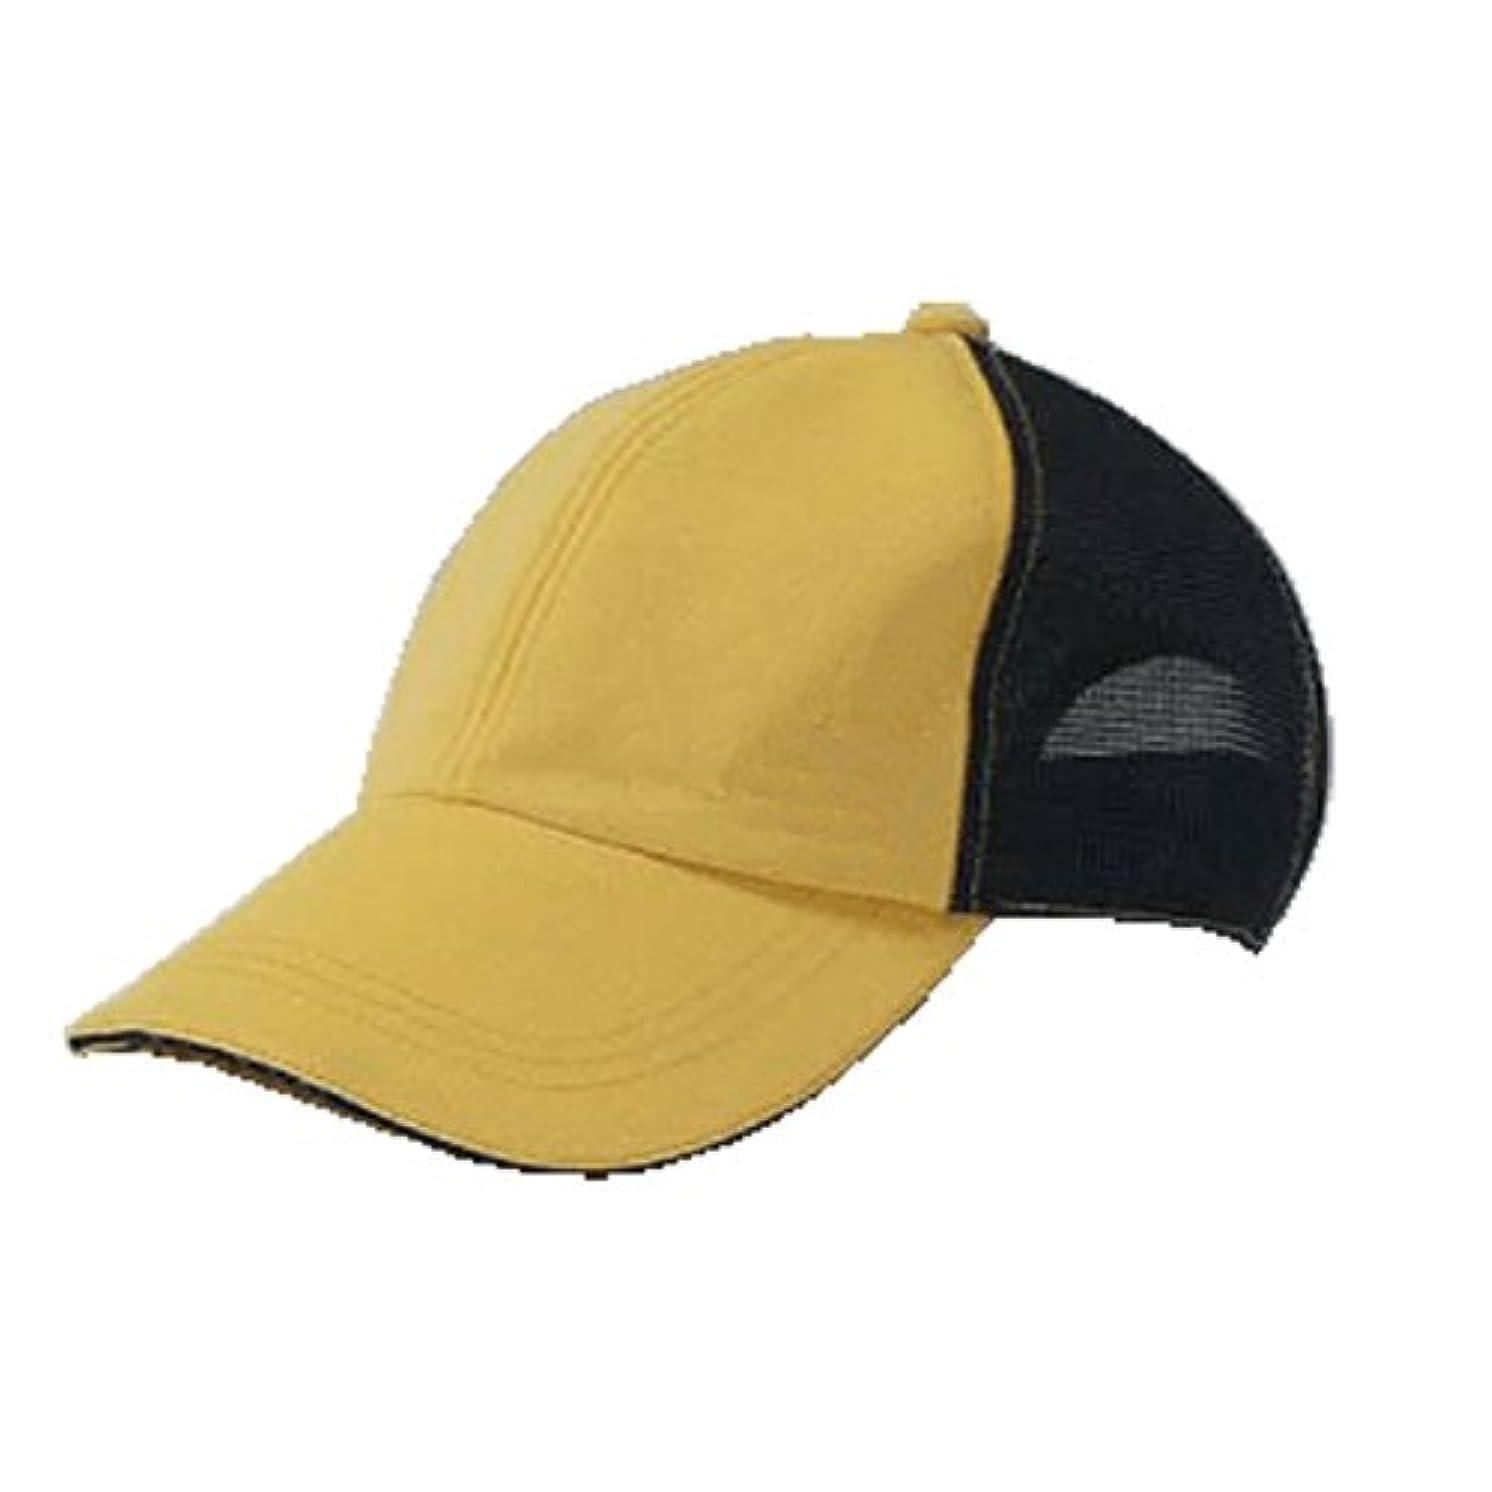 牛勇気のある情緒的LEDライト付き帽子 TERUBO メッシュタイプ 黄/黒